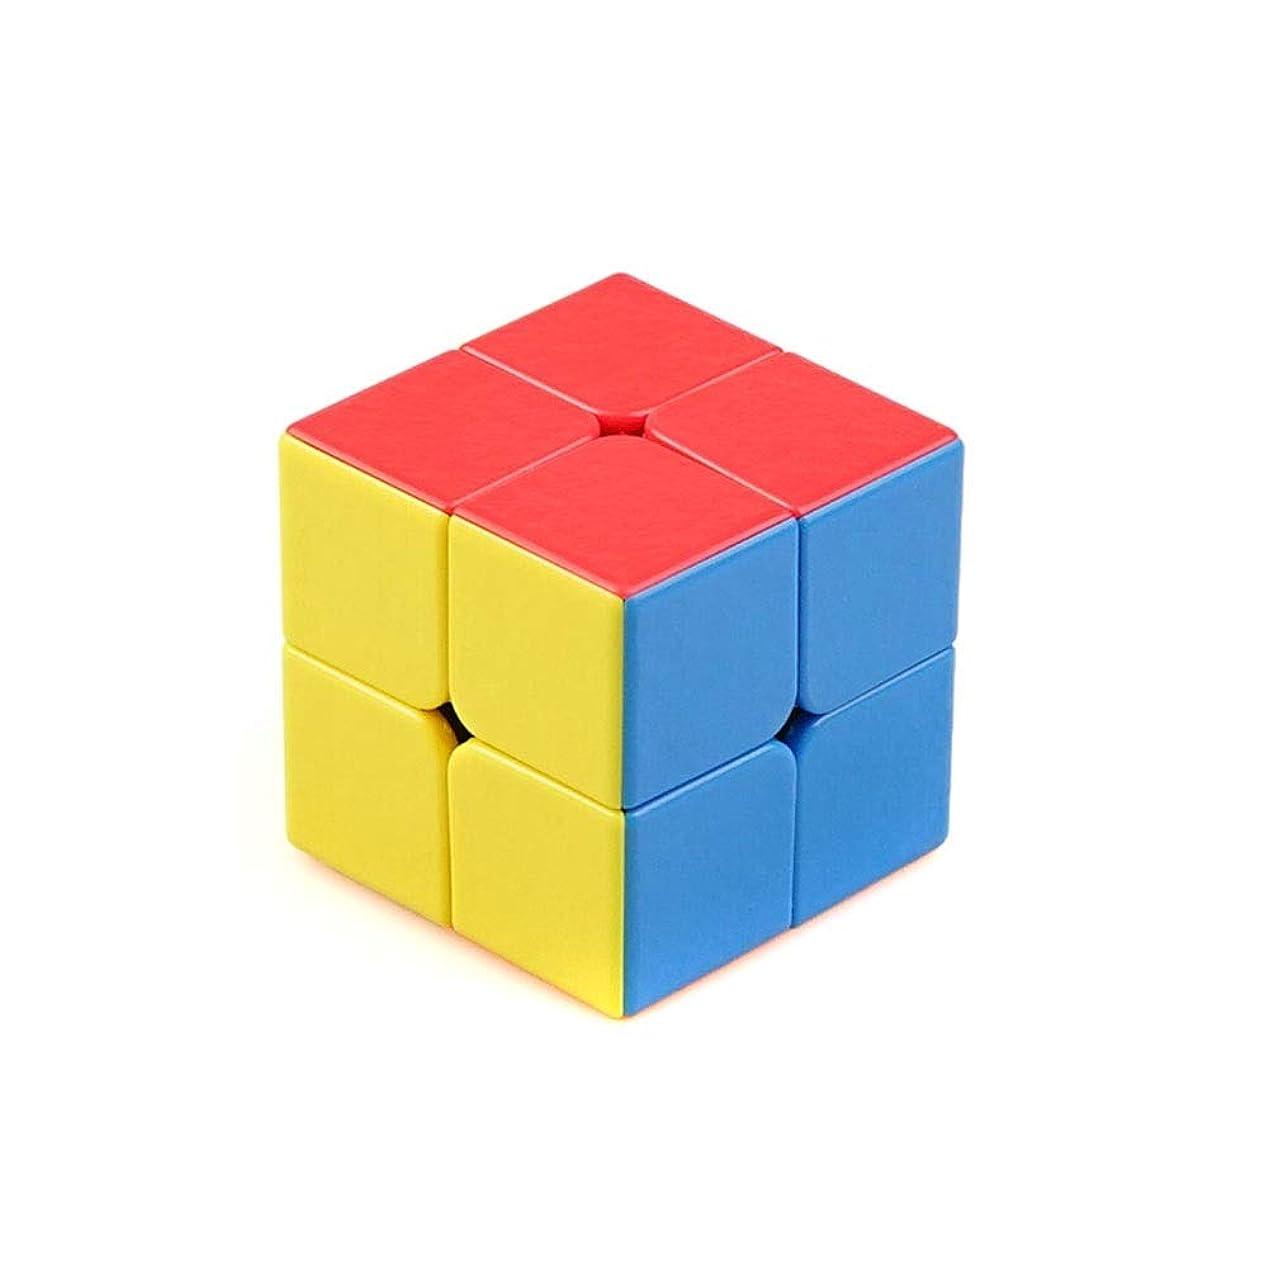 気になるスラック地震Jinnuotong ルービックキューブ、チリの高級プラスチック素材で作られたルービックキューブ、スタイリッシュな外観、使いやすい(2次/ 3次/ 4次/ 5次) エレガントで快適 (Edition : Two-order)